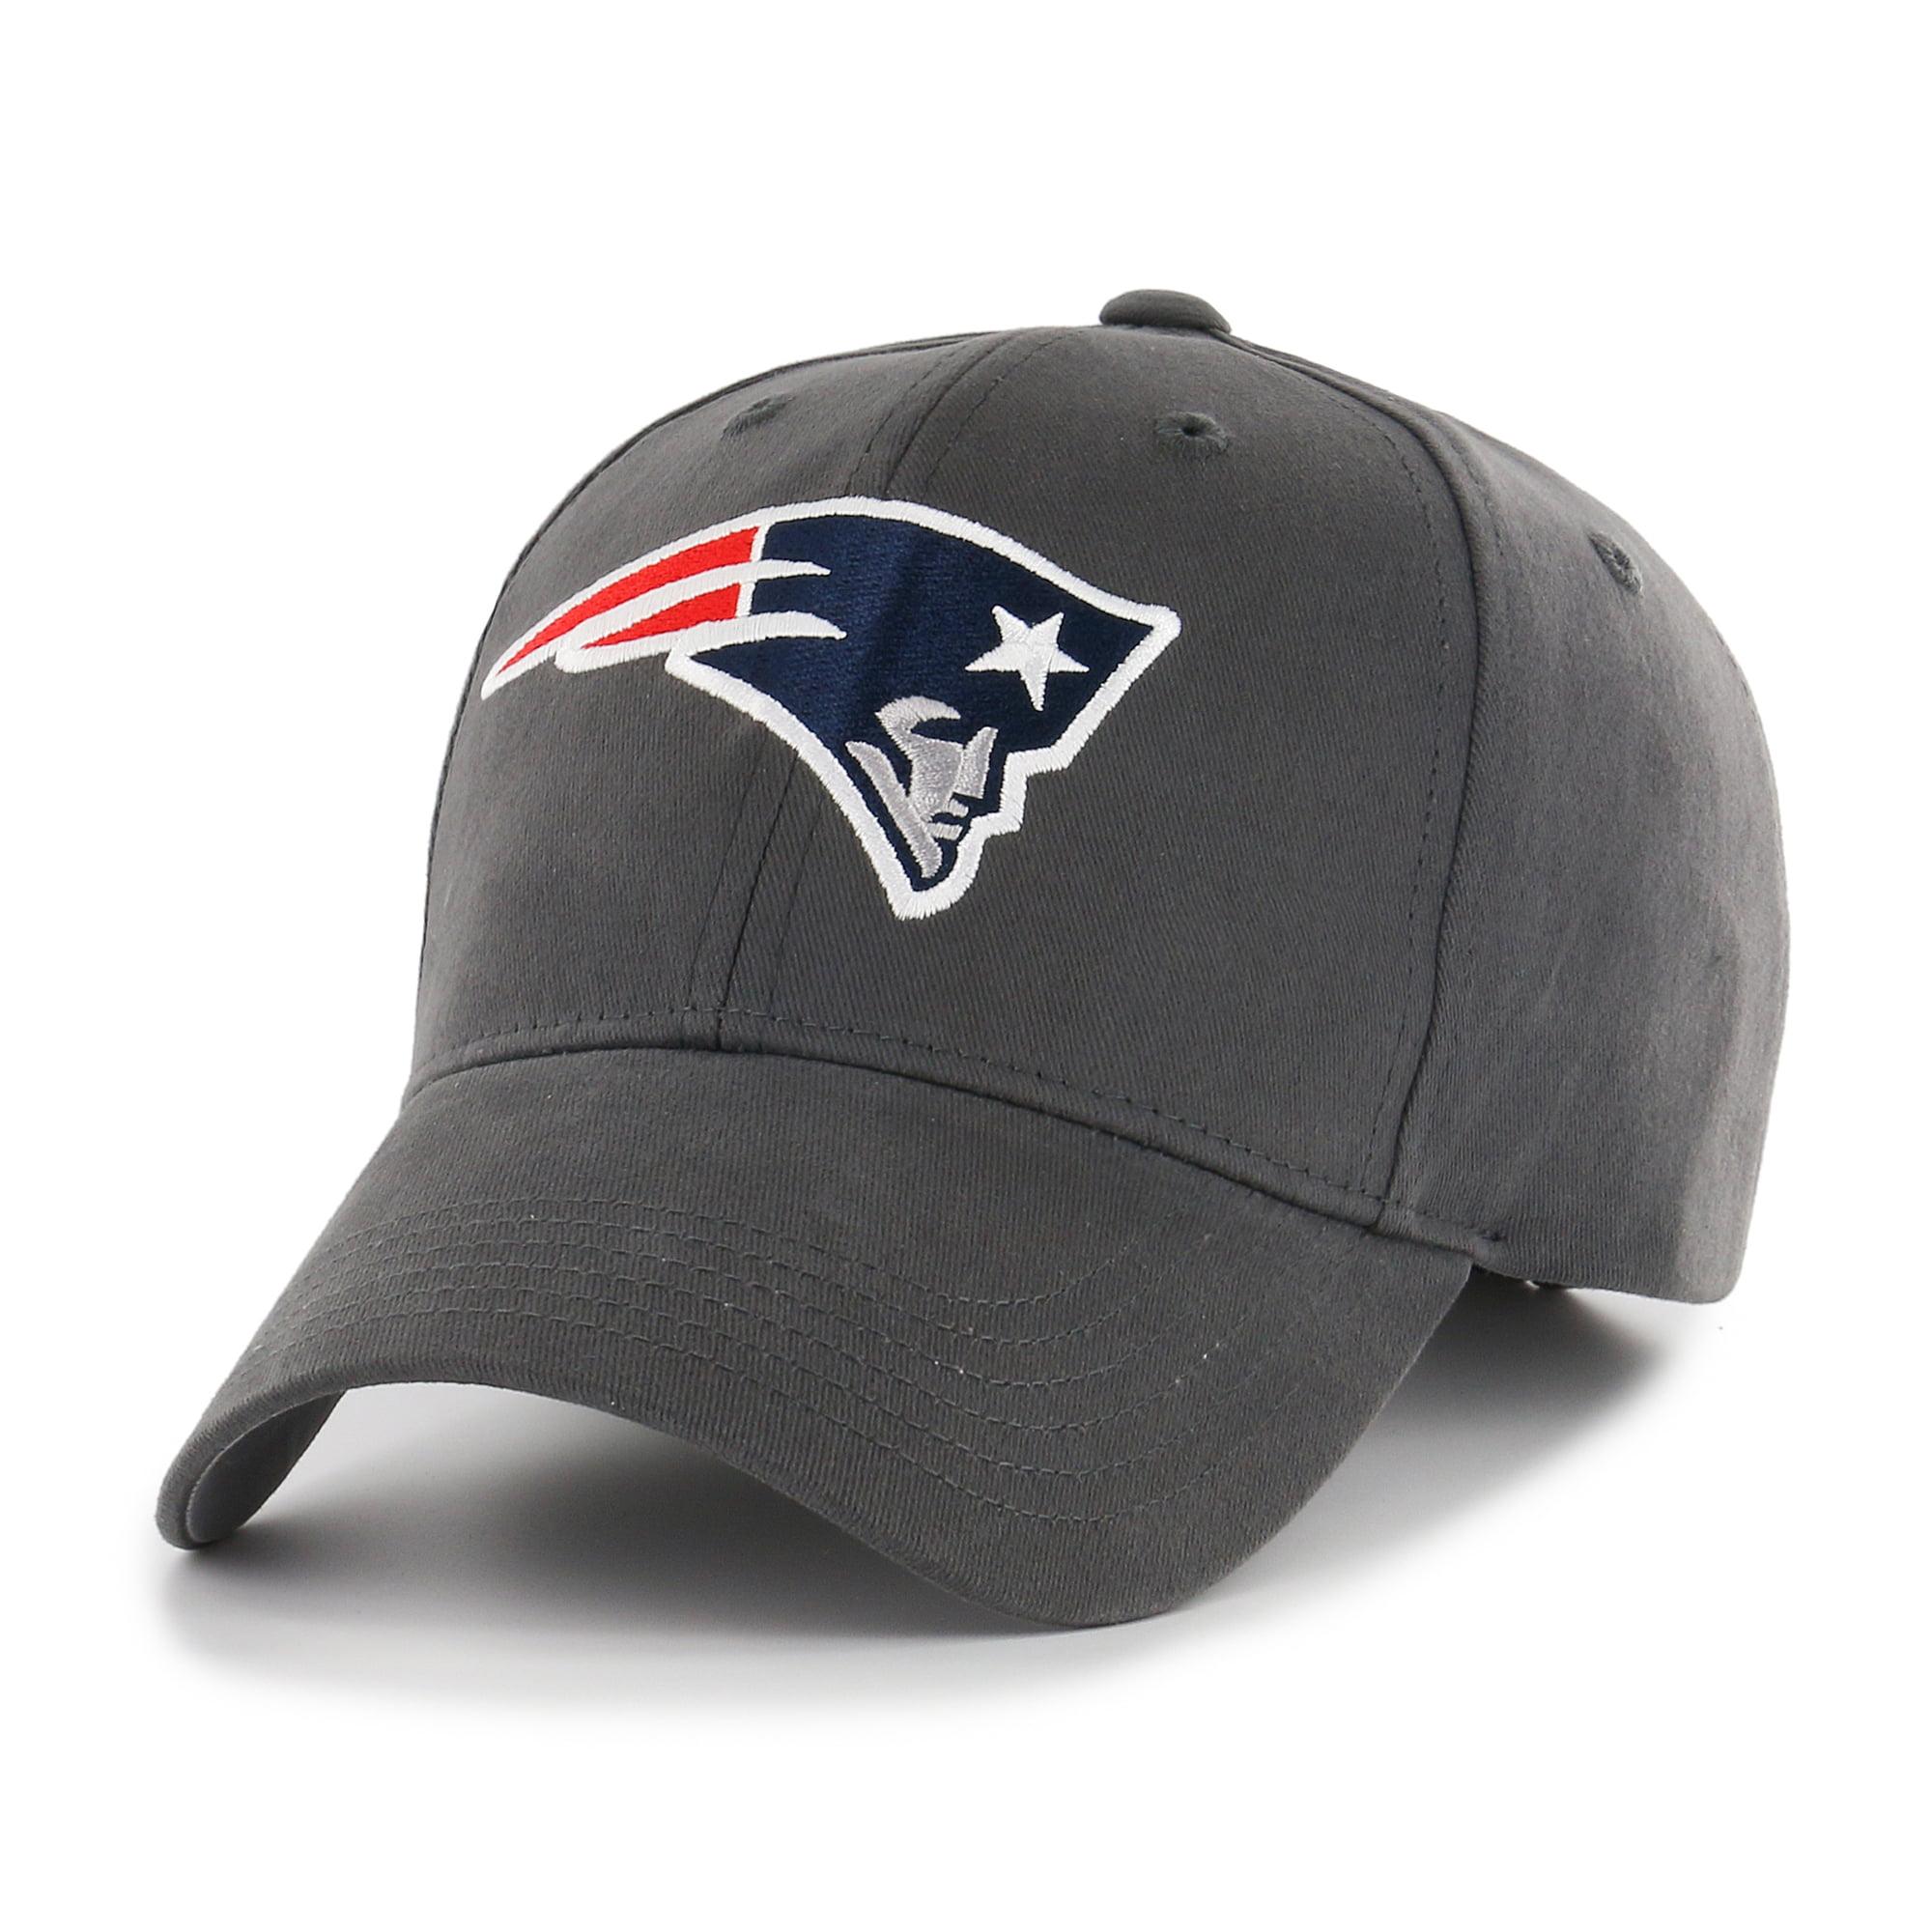 size 40 fc4da efc8e New England Patriots Team Shop - Walmart.com